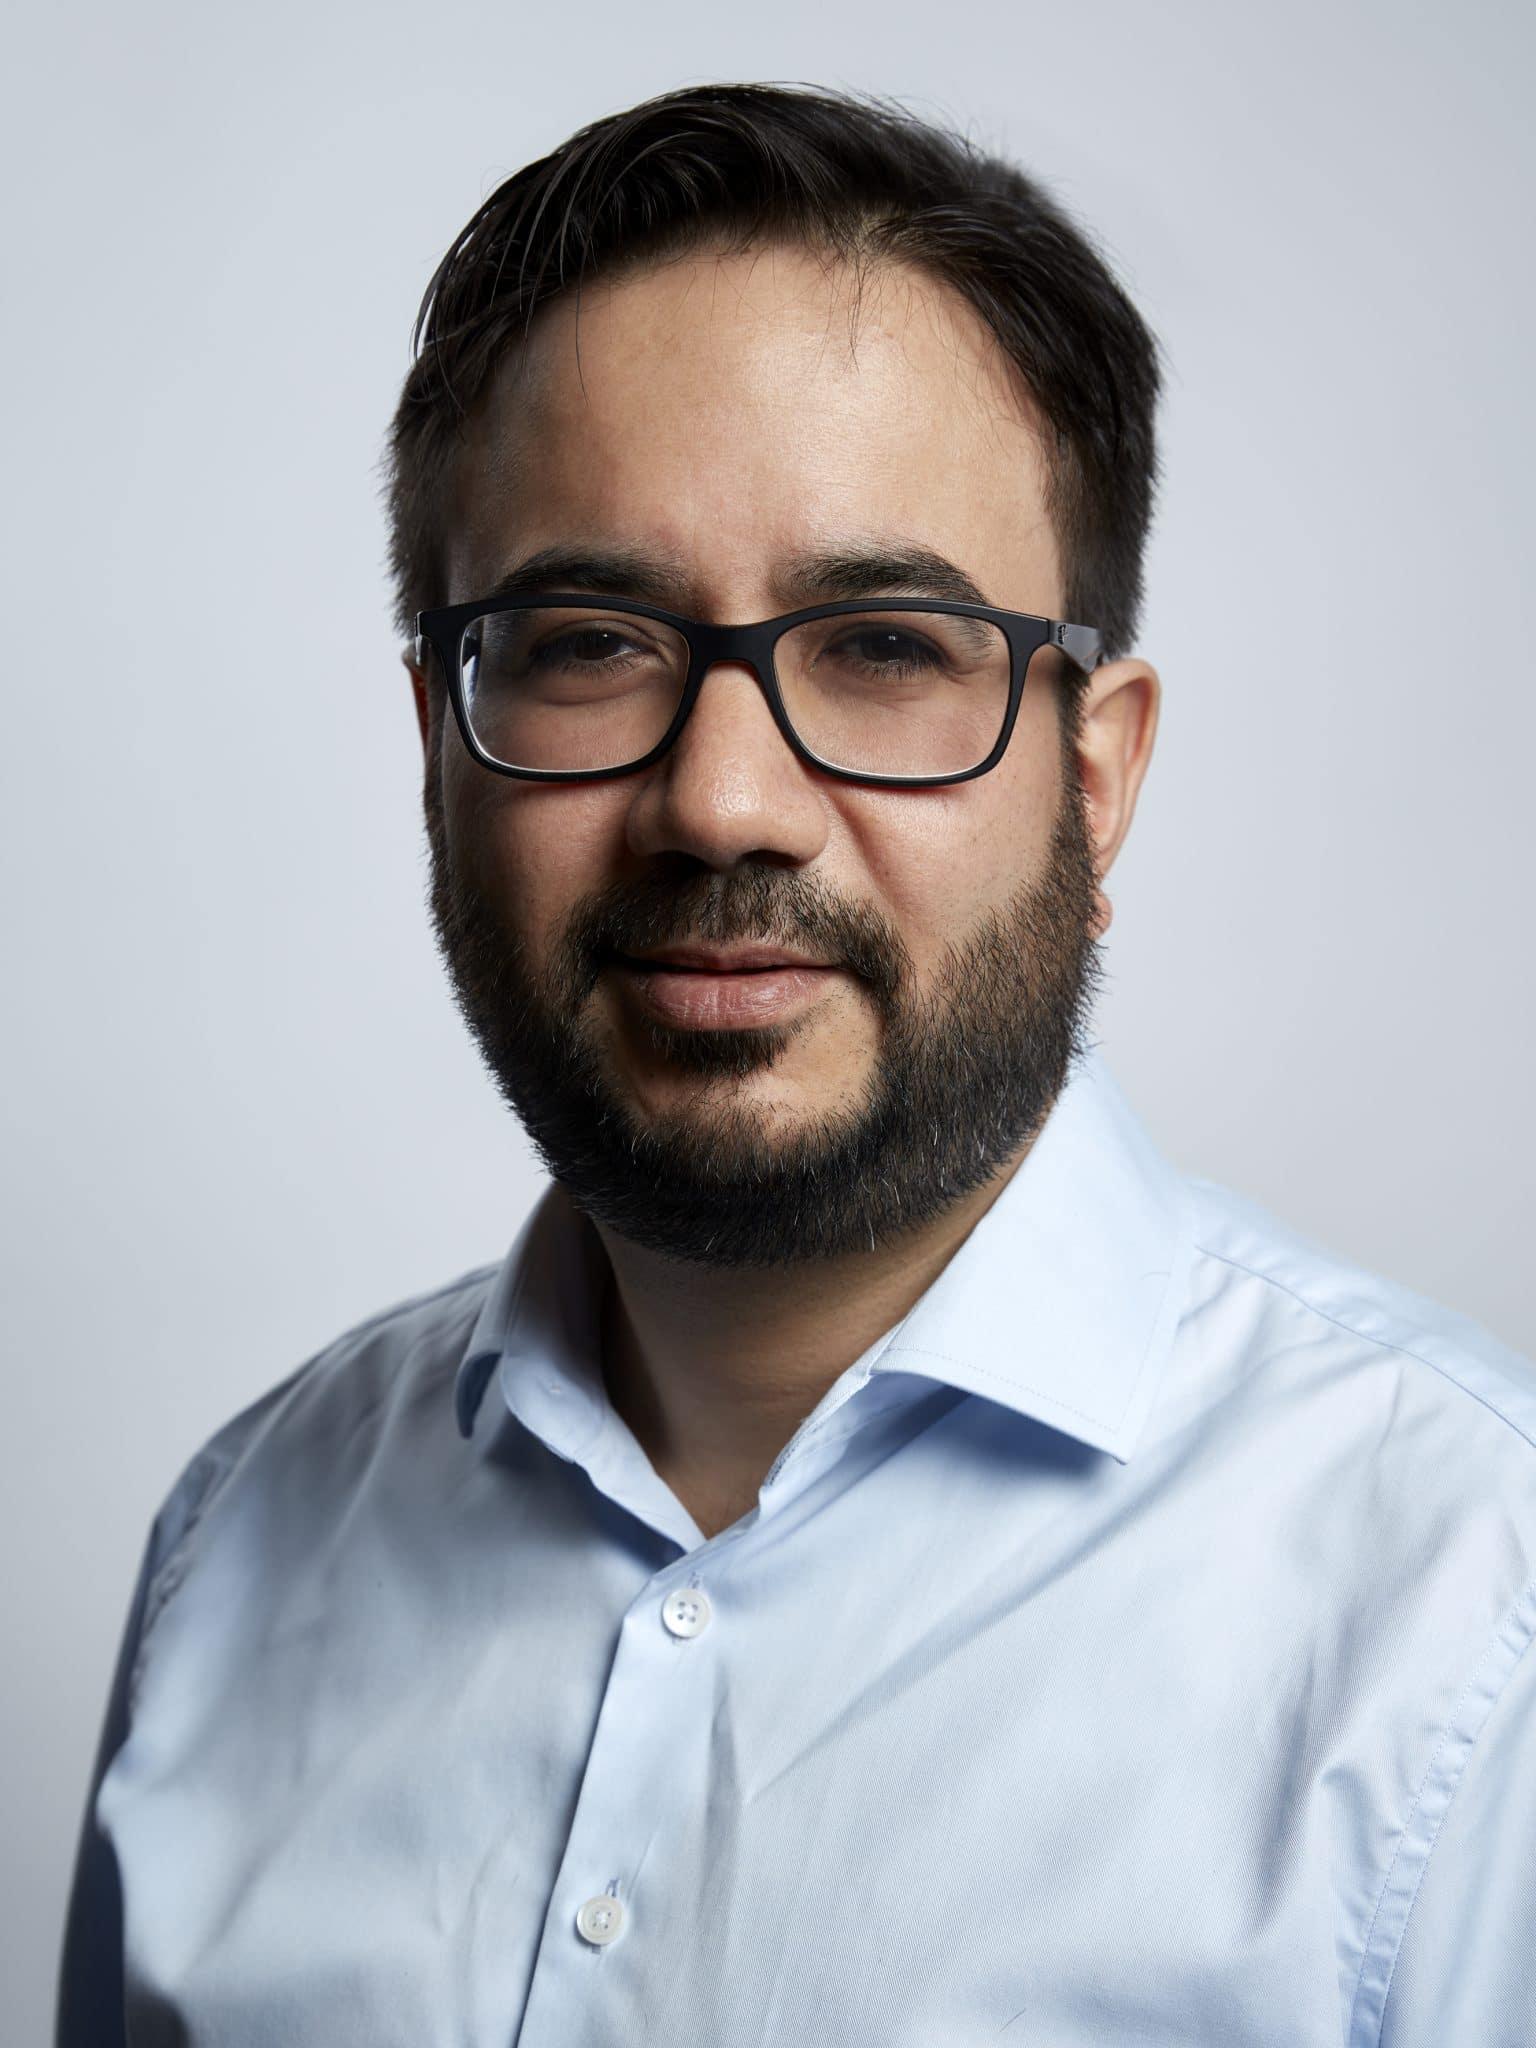 Guillaume Vieira de Carvalho Smart Oversight